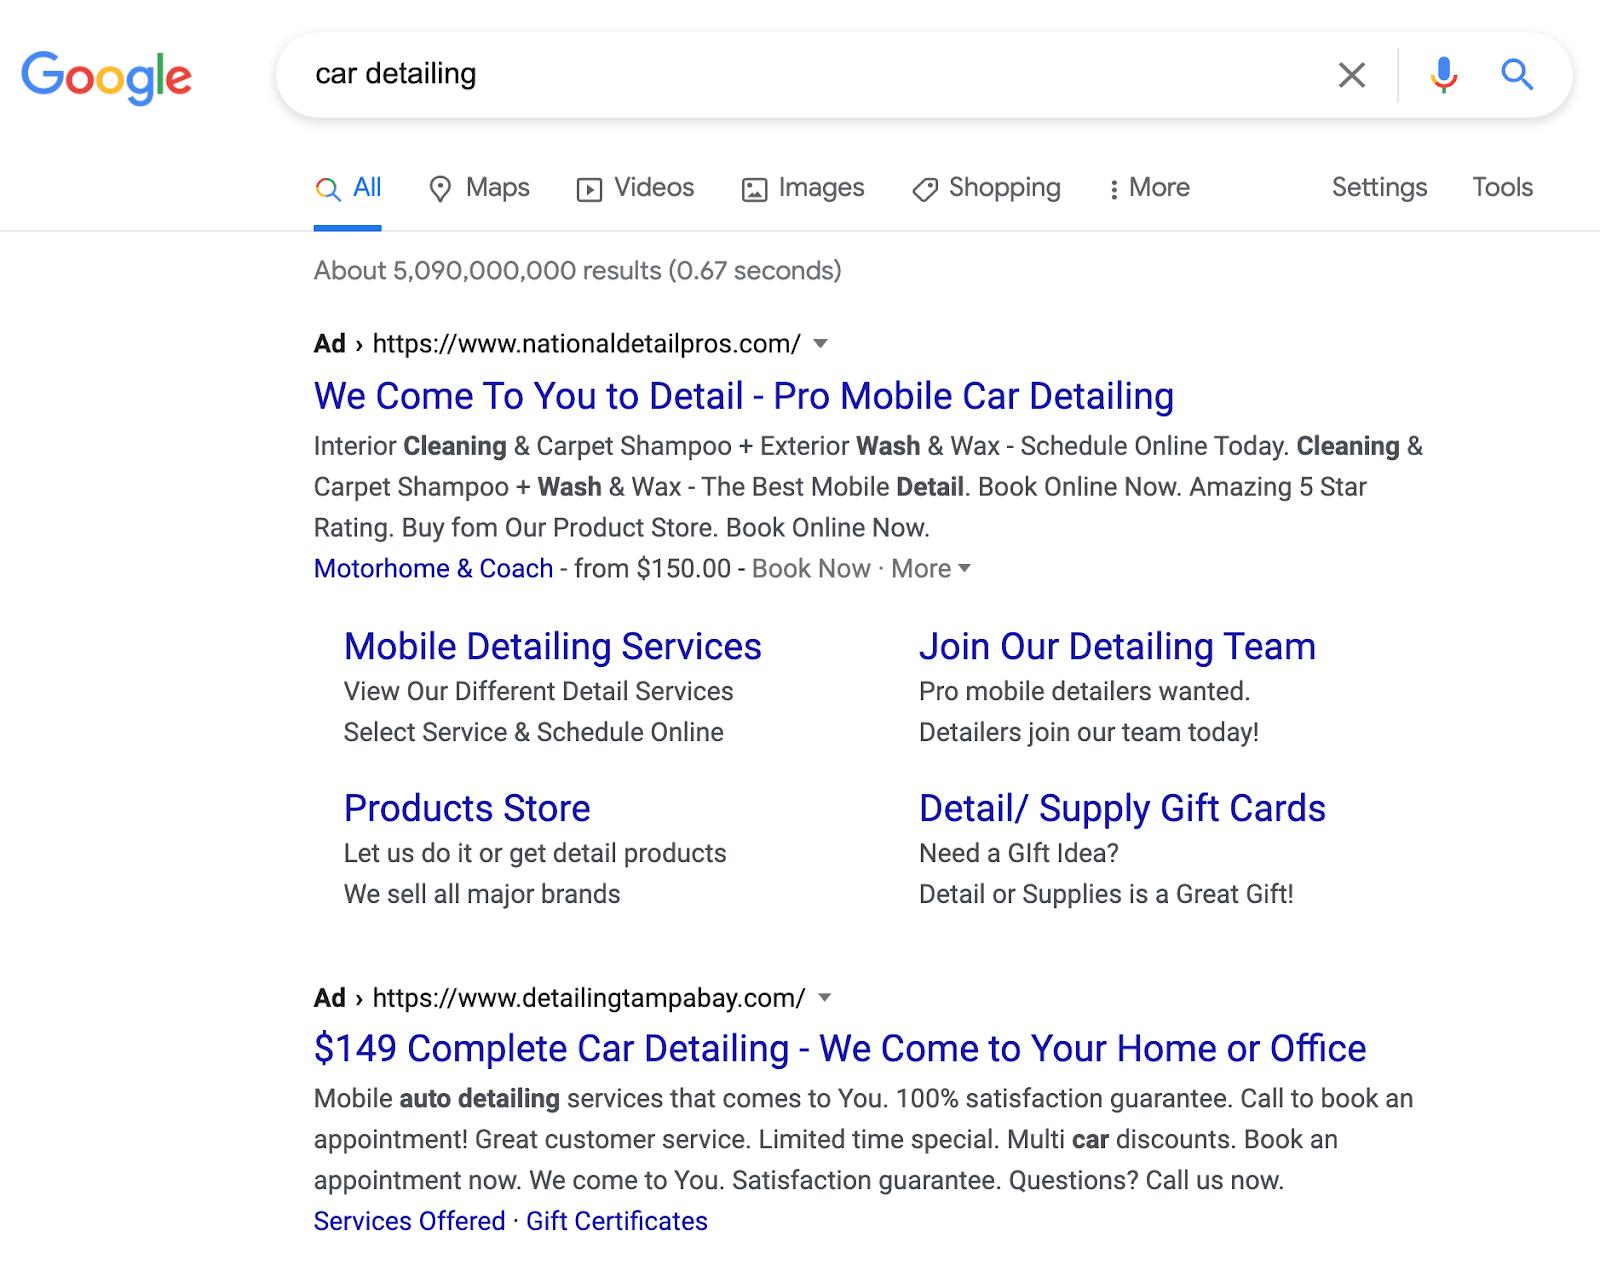 Un ejemplo de un anuncio de Google para una empresa de detalles de automóviles.